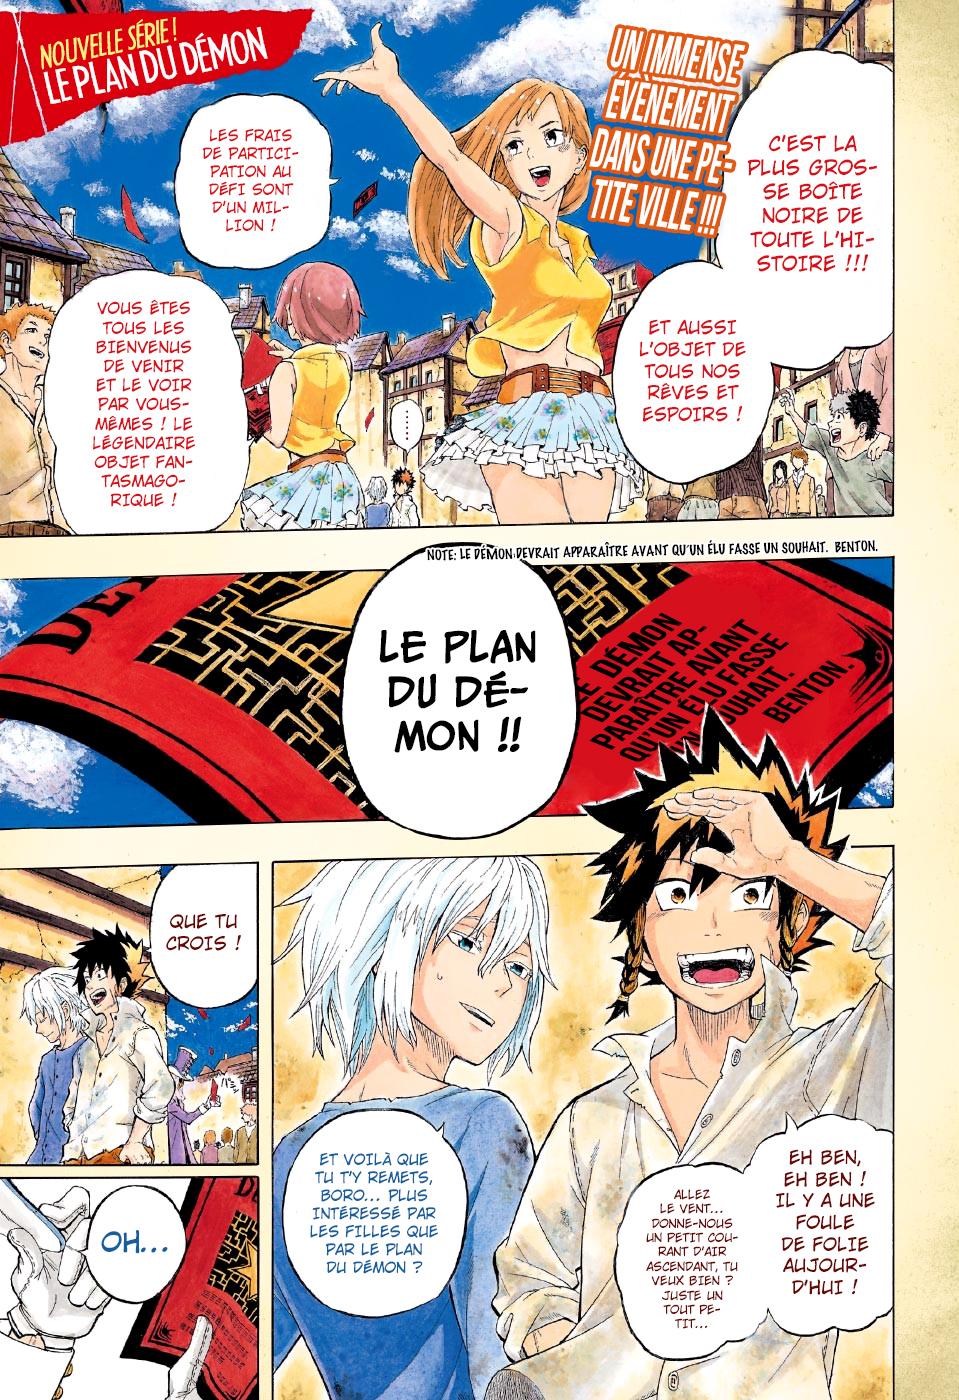 https://nine.mangadogs.com/fr_manga/pic1/0/1728/69941/LePlanDuDmon1VF_0_661.jpg Page 1